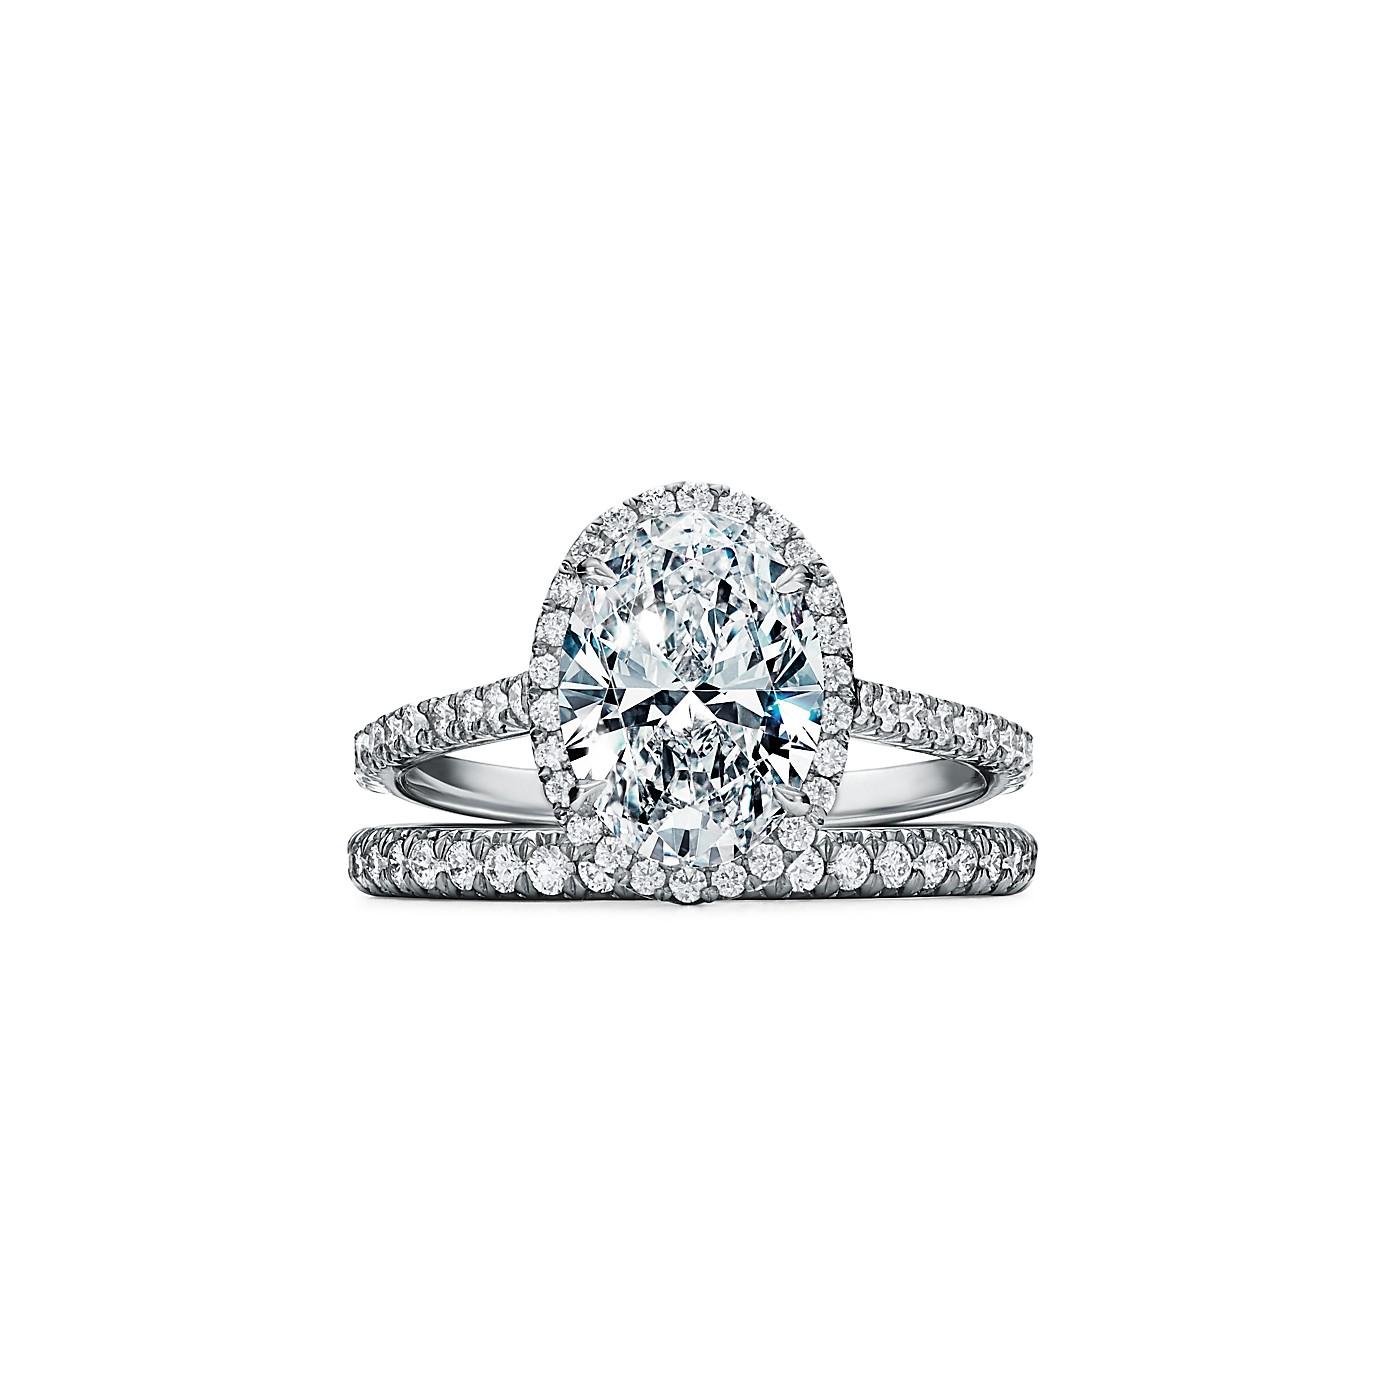 ティファニー ソレスト オーバル カット ダイヤモンド エンゲージメント リング(3)―Tiffany & Co.(ティファニー)